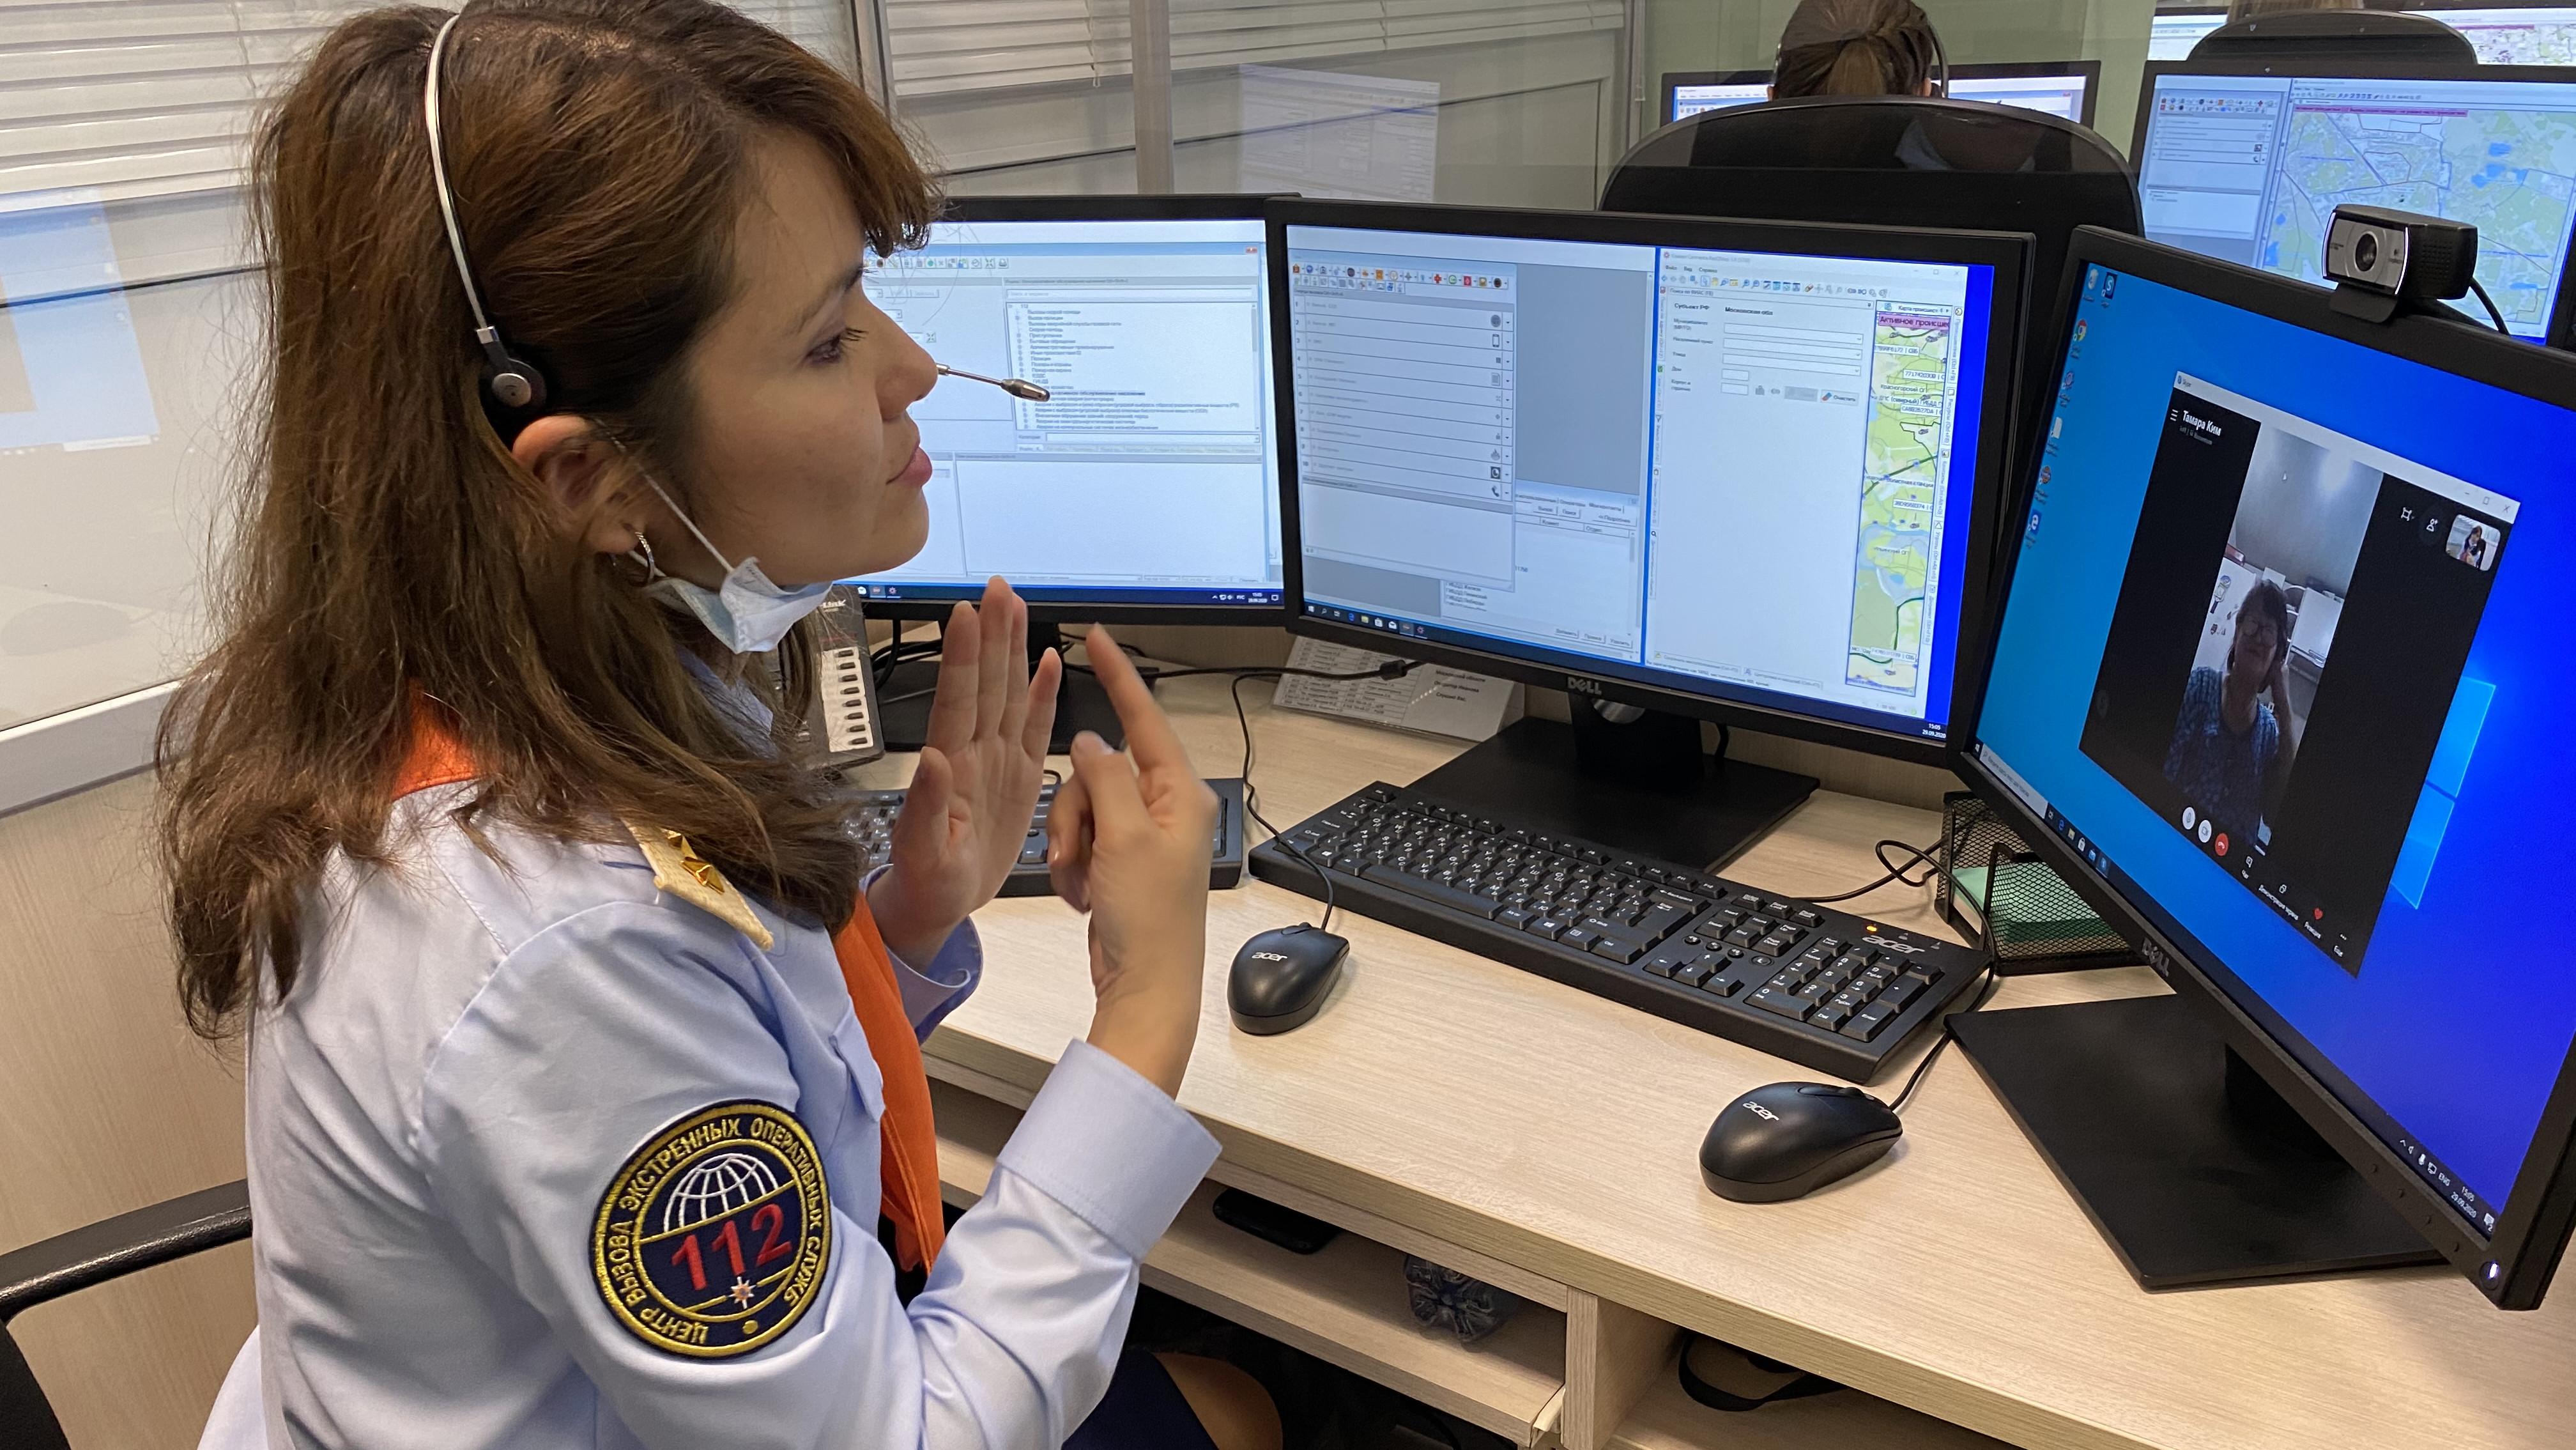 Более 3,6 тыс. специалистов задействованы в работе системы-112 Подмосковья